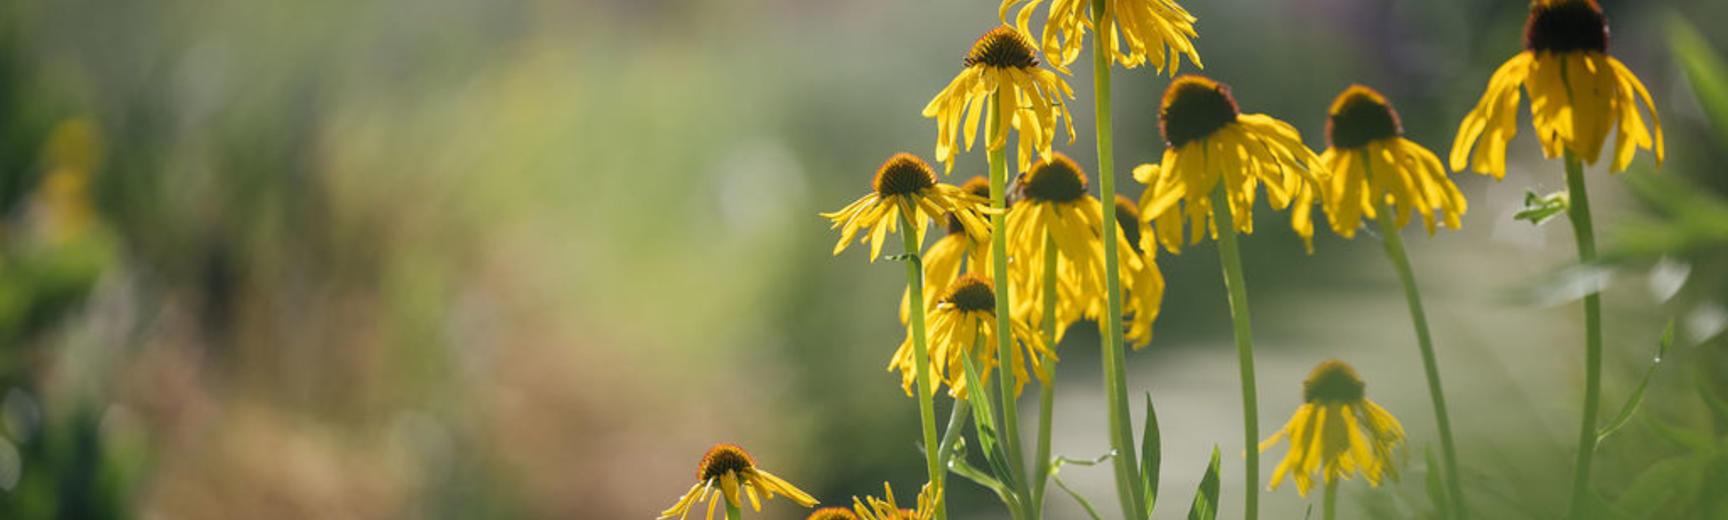 botanicgardensopeningbyianwallman 5204